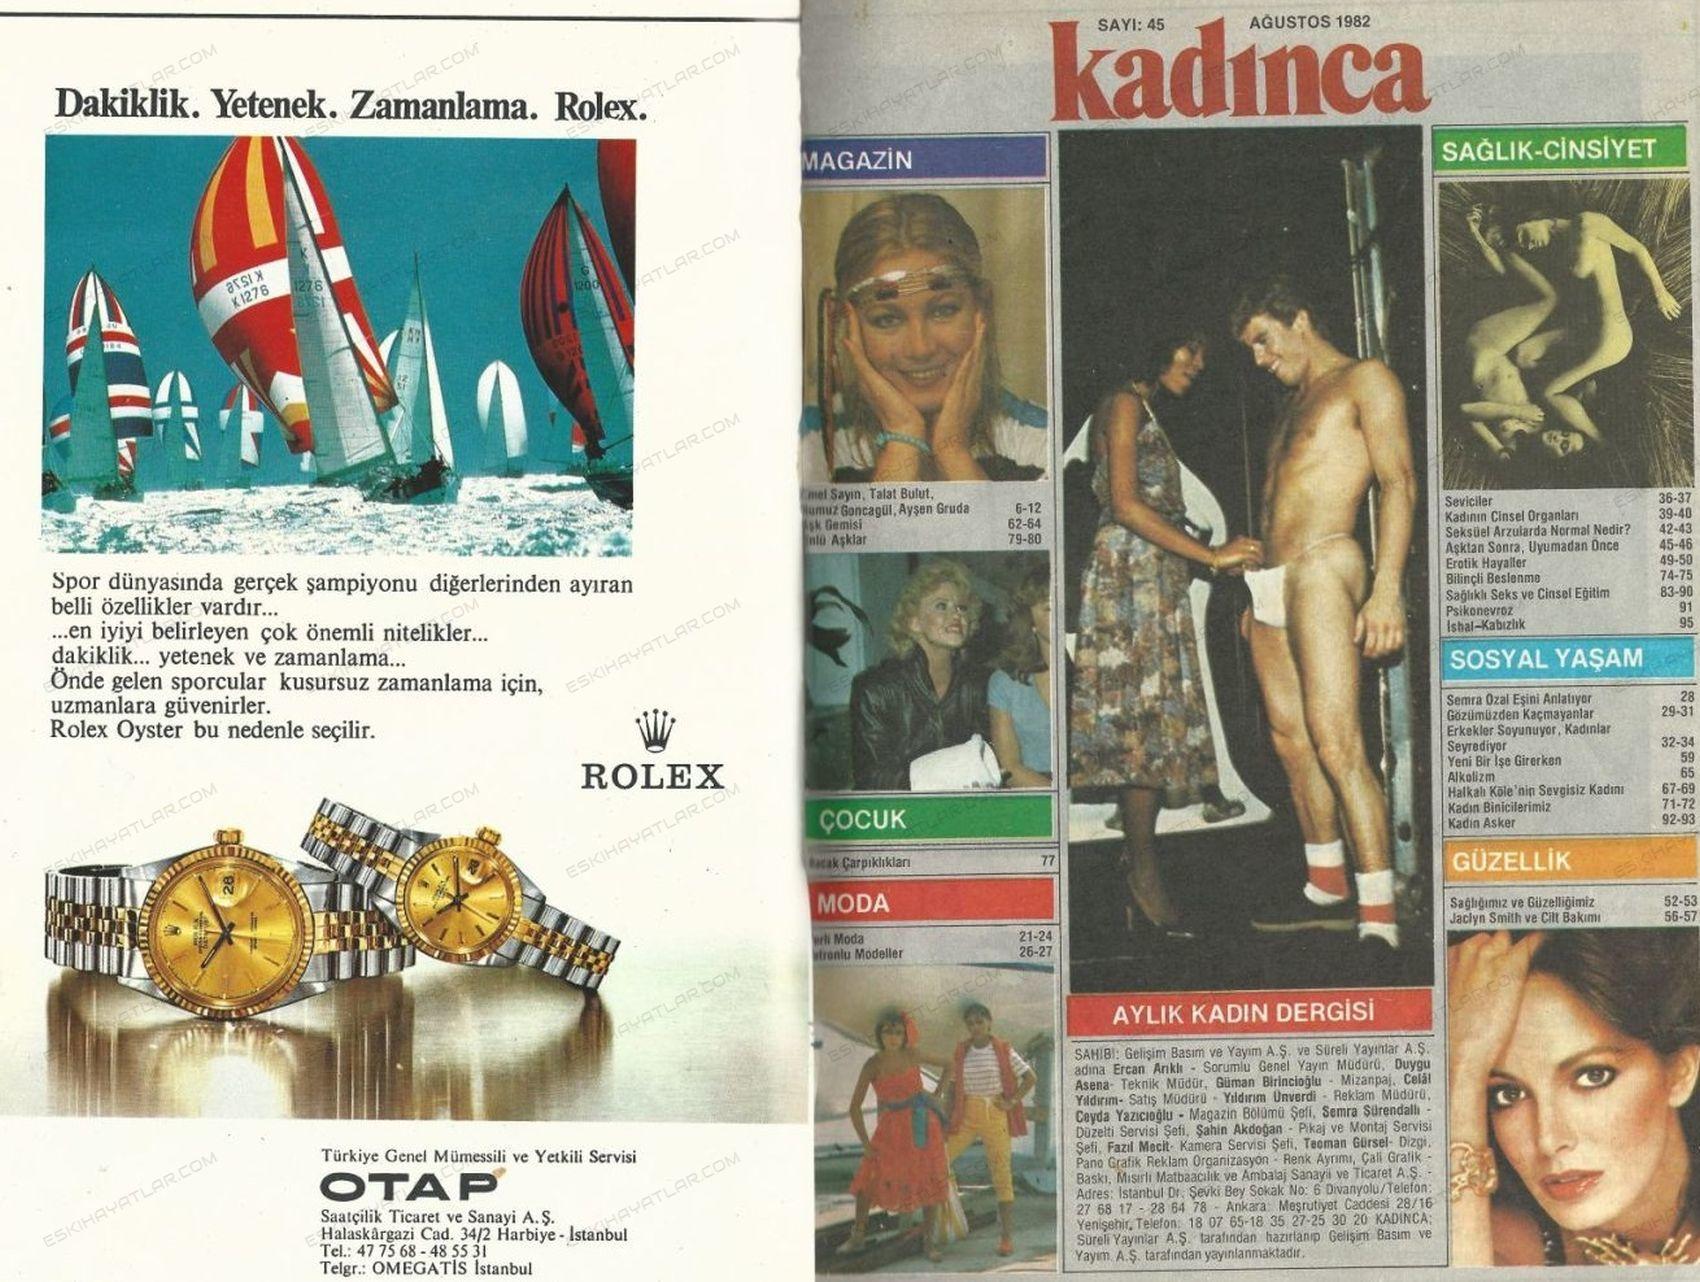 0142-emel-sayin-seksenler-gazino-sevdalilar-albumu-1982-kadinca-dergisi (4)